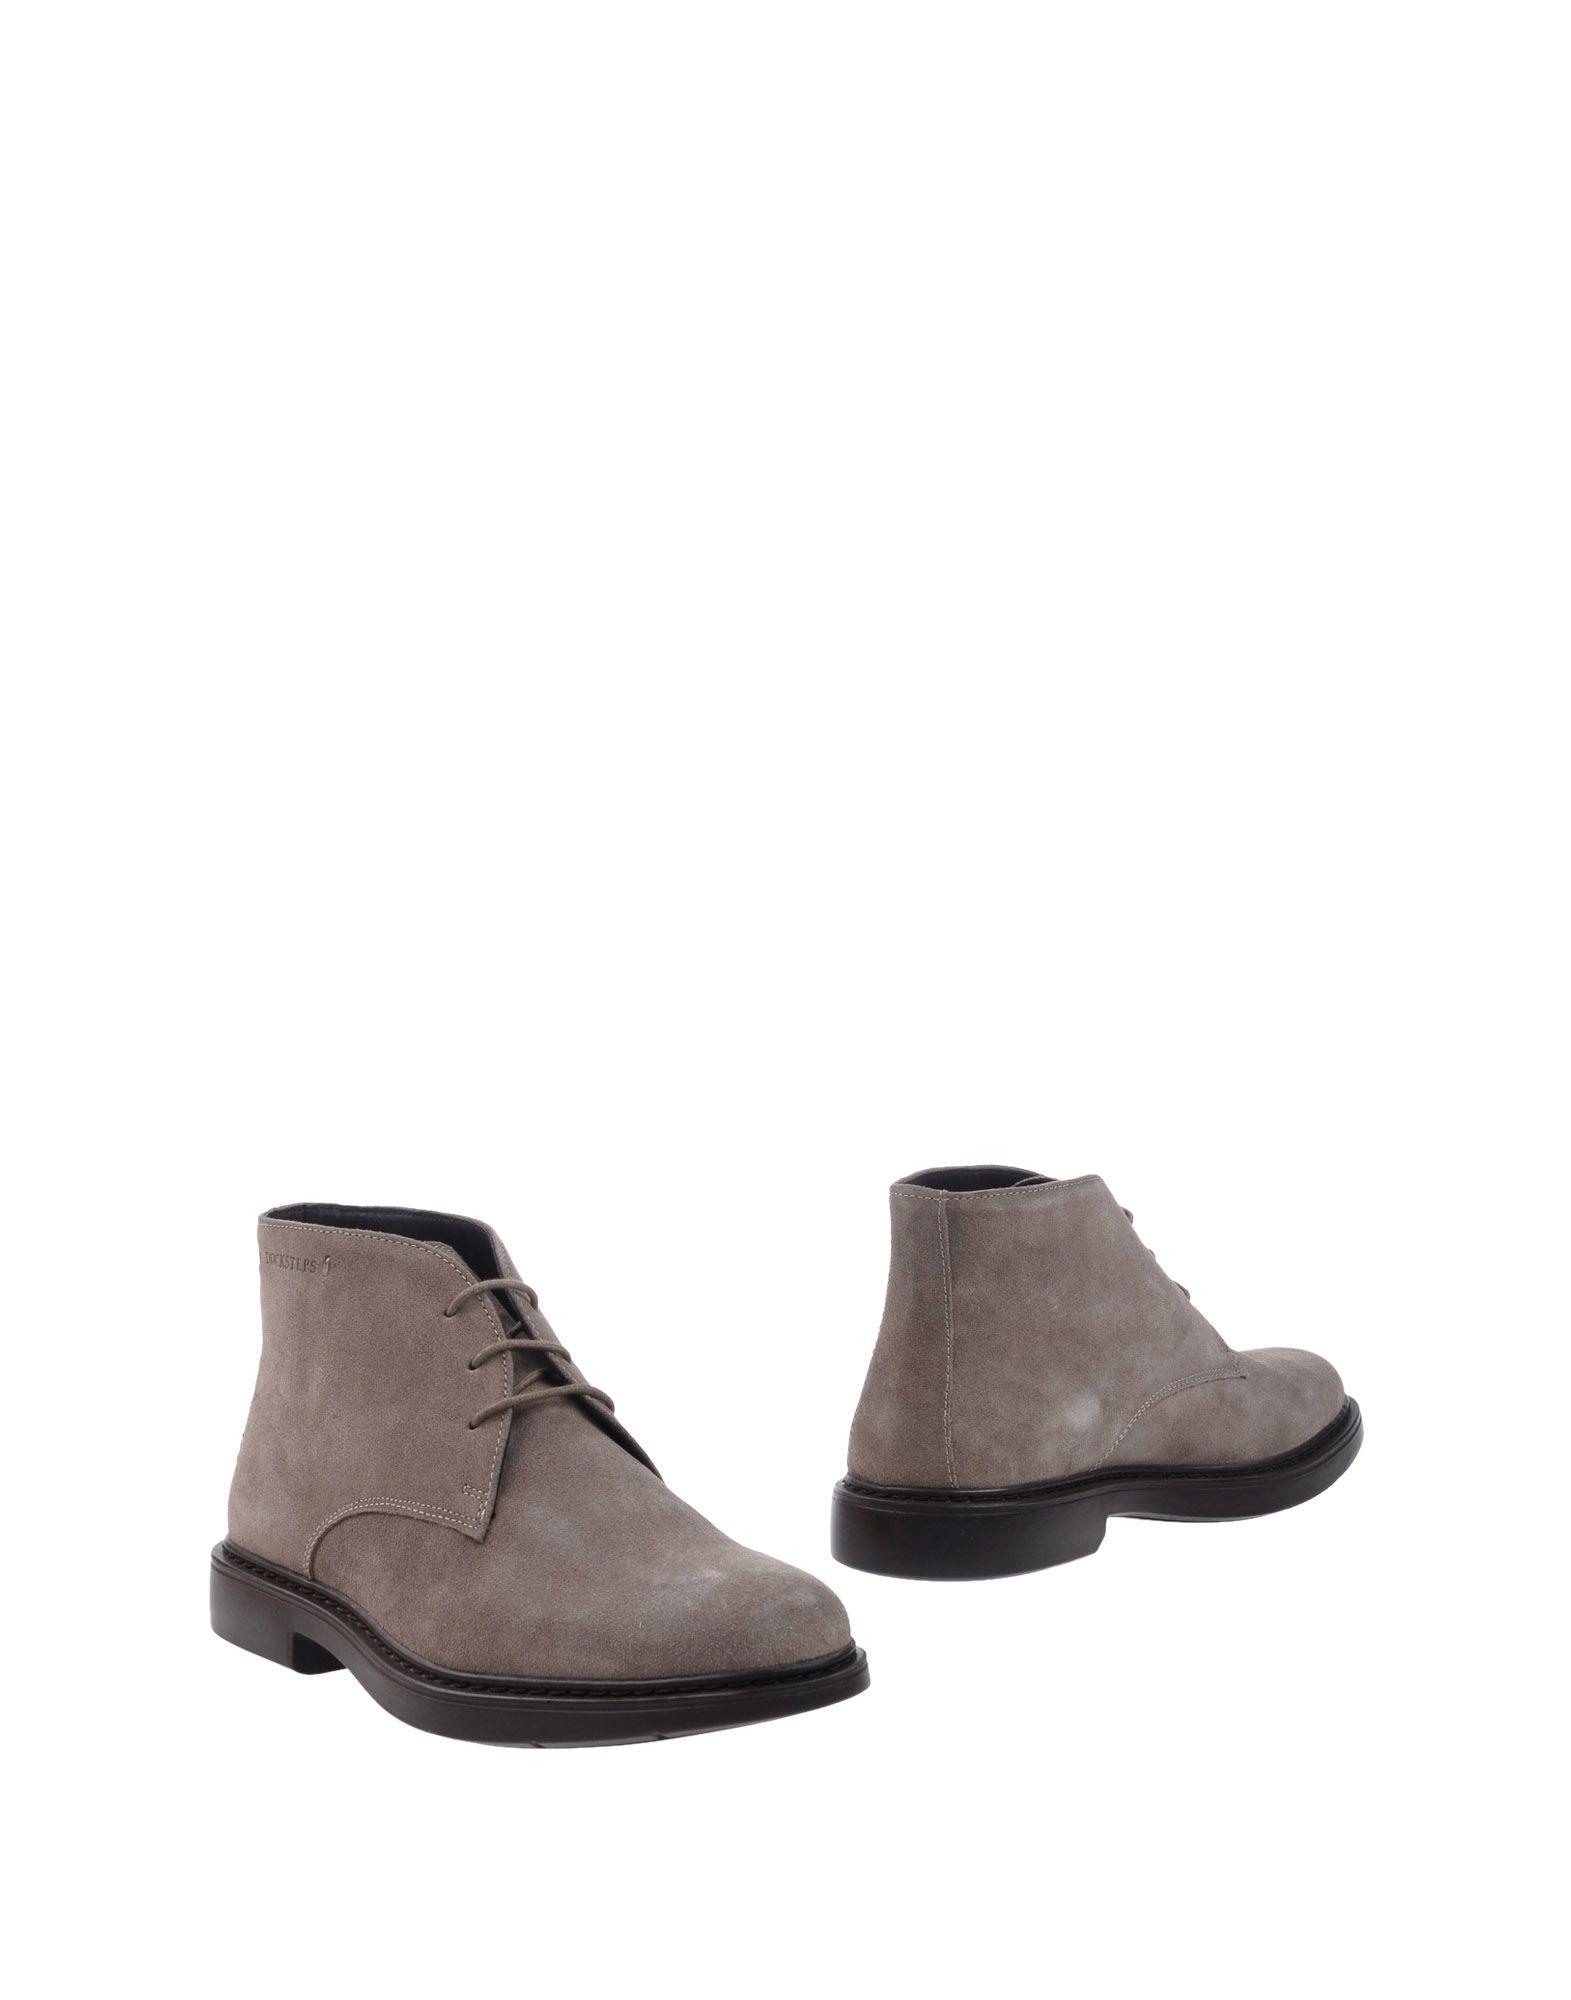 Docksteps Boots - on Men Docksteps Boots online on -  United Kingdom - 11299089HX 868805